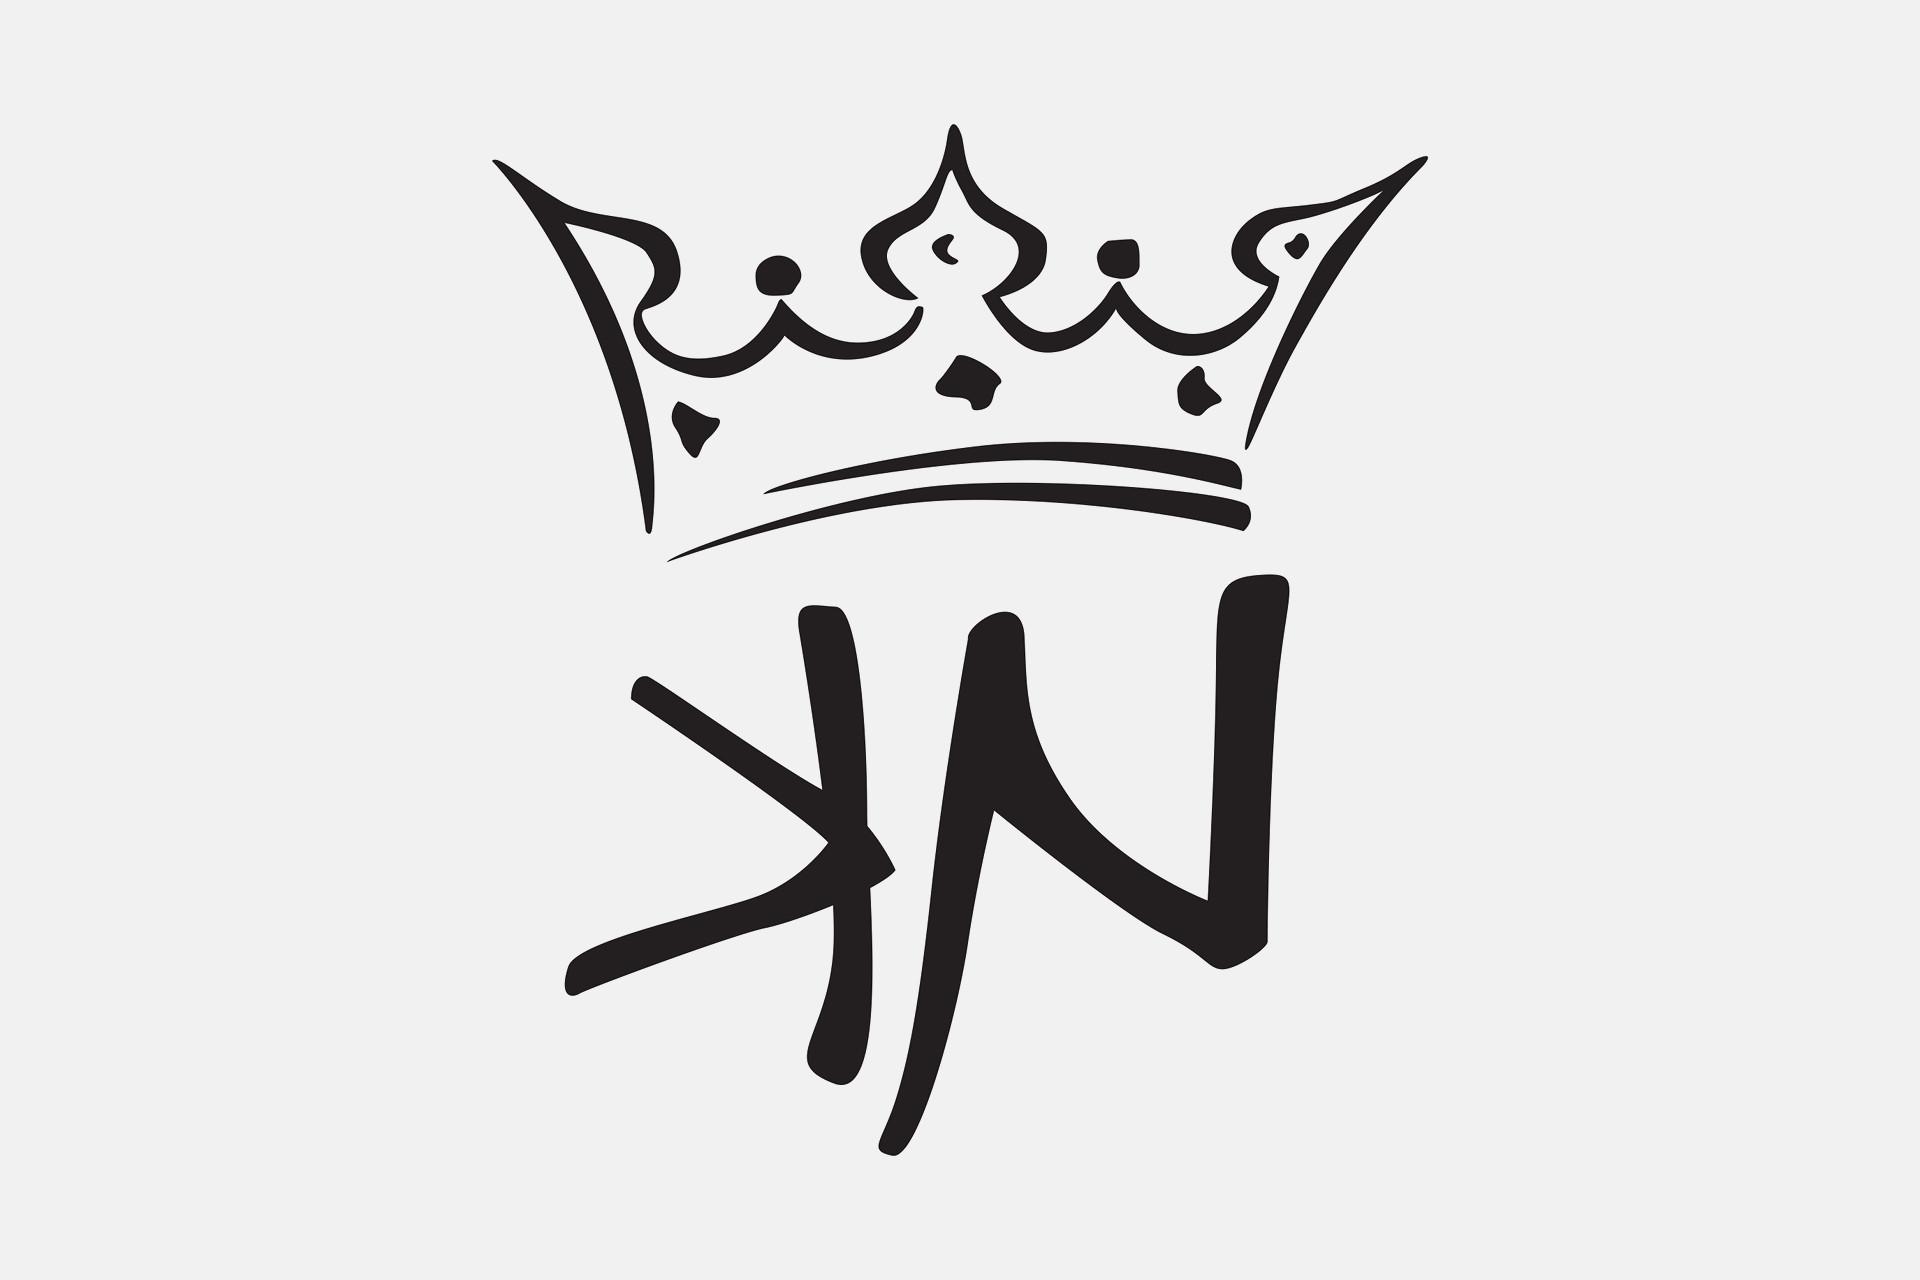 kn-logo.jpg